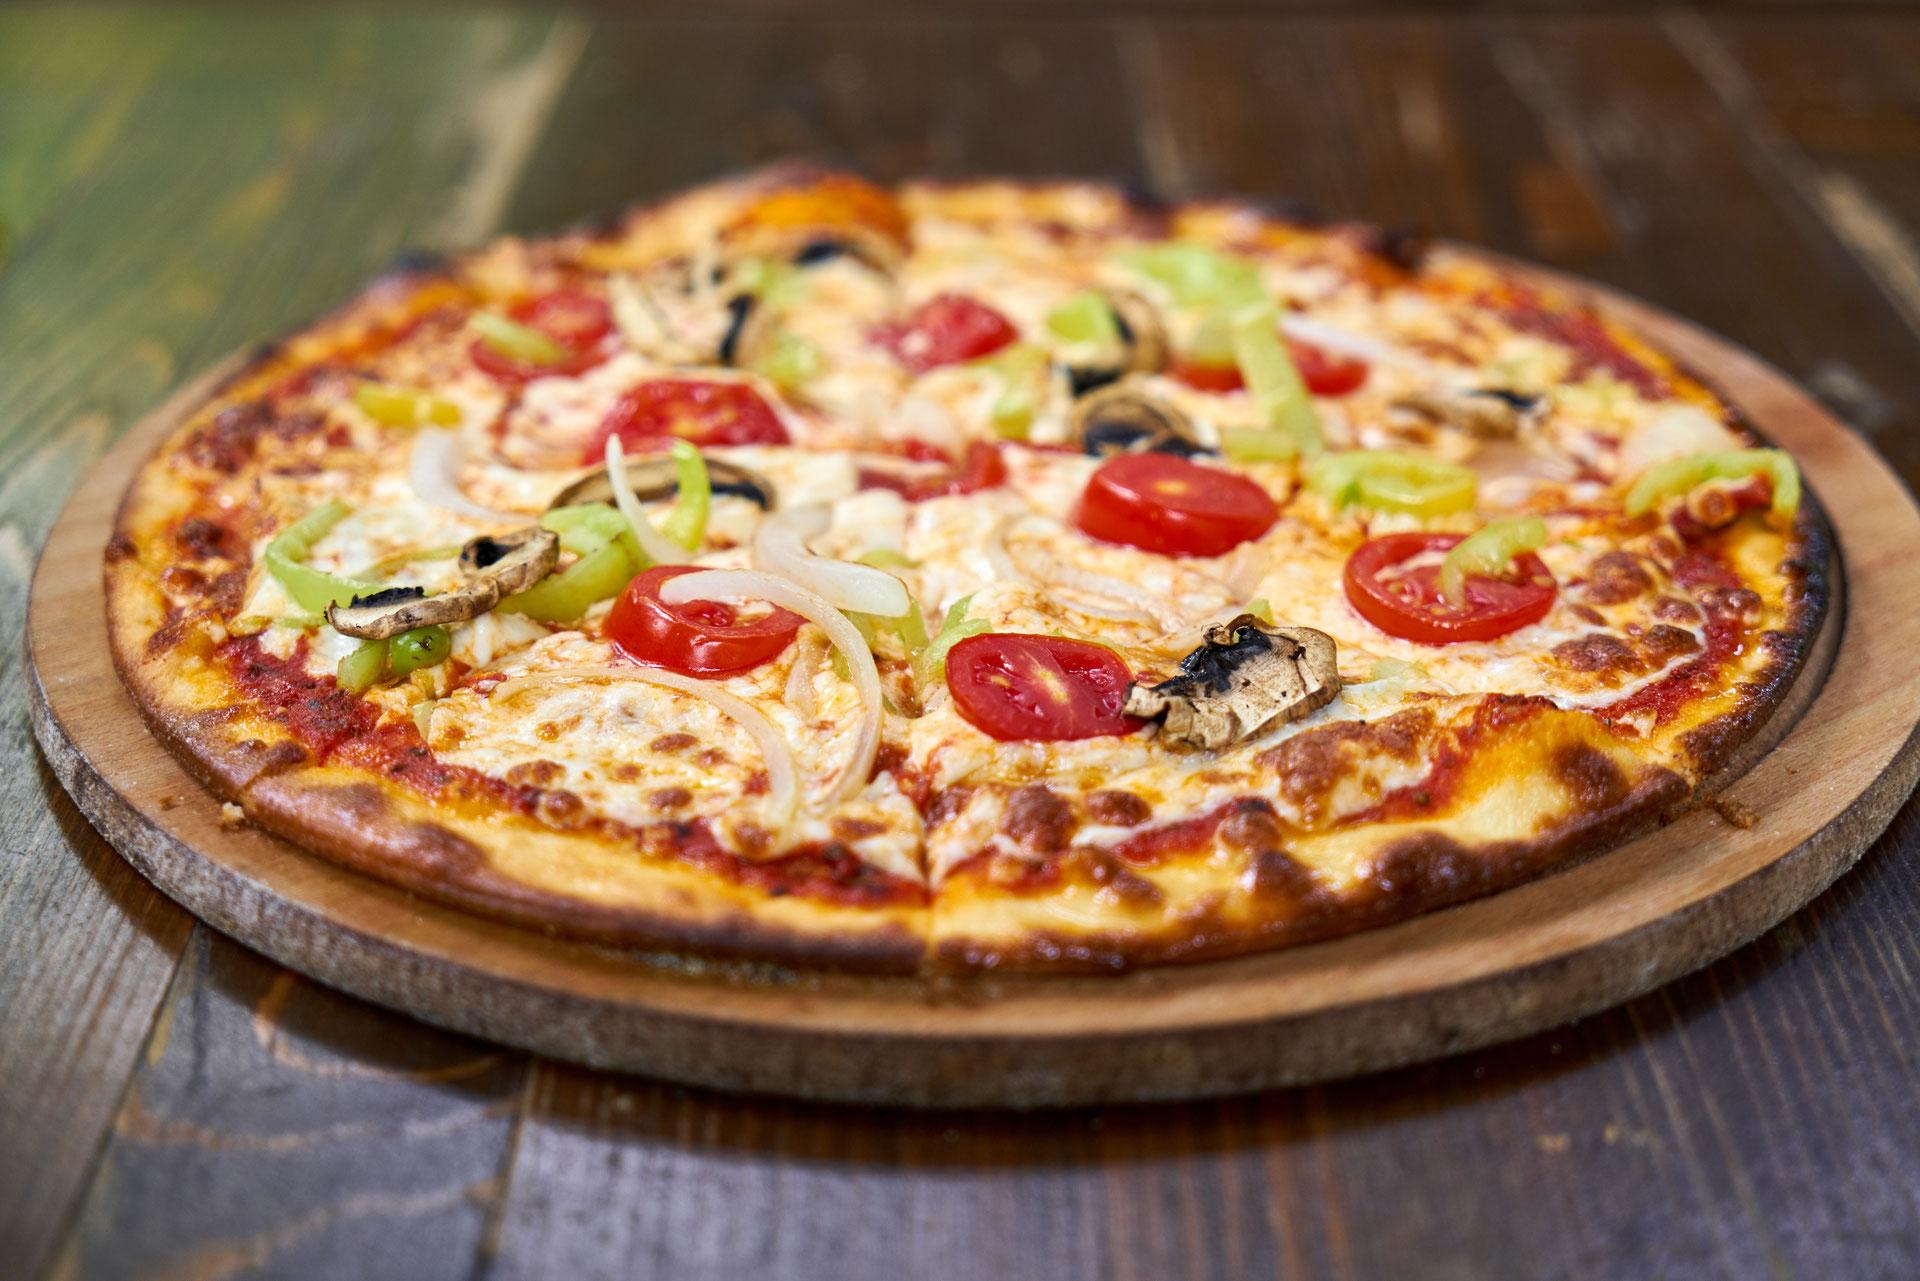 Pizza Au Feu De Bois À Aubenas 🍕 - Site De Pizza-Express ... intérieur Carrelage Direct Usine Aubenas